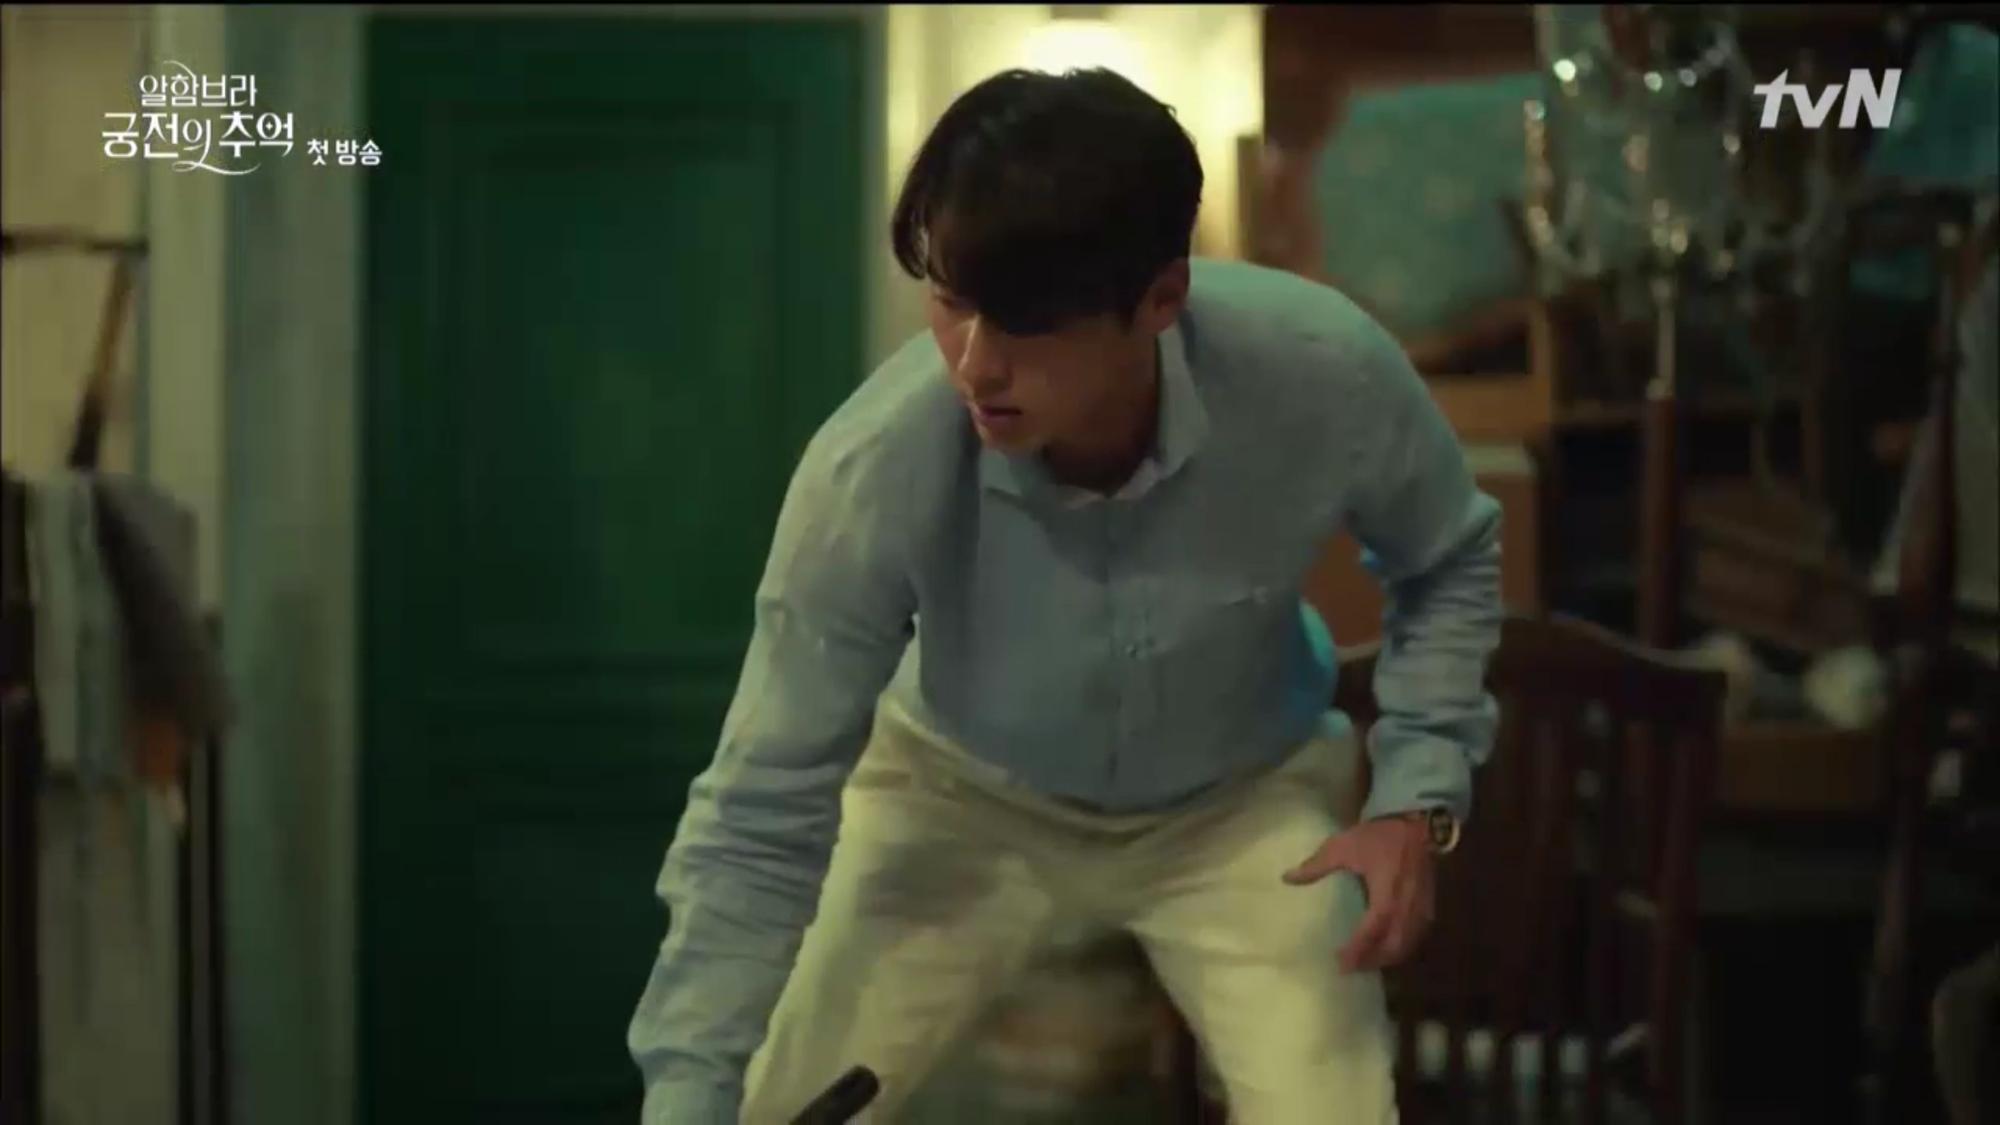 """Mới tập đầu """"Memories of the Alhambra"""", Hyun Bin đã bị Park Shin Hye """"hành"""" cho lên bờ xuống ruộng - Ảnh 7."""